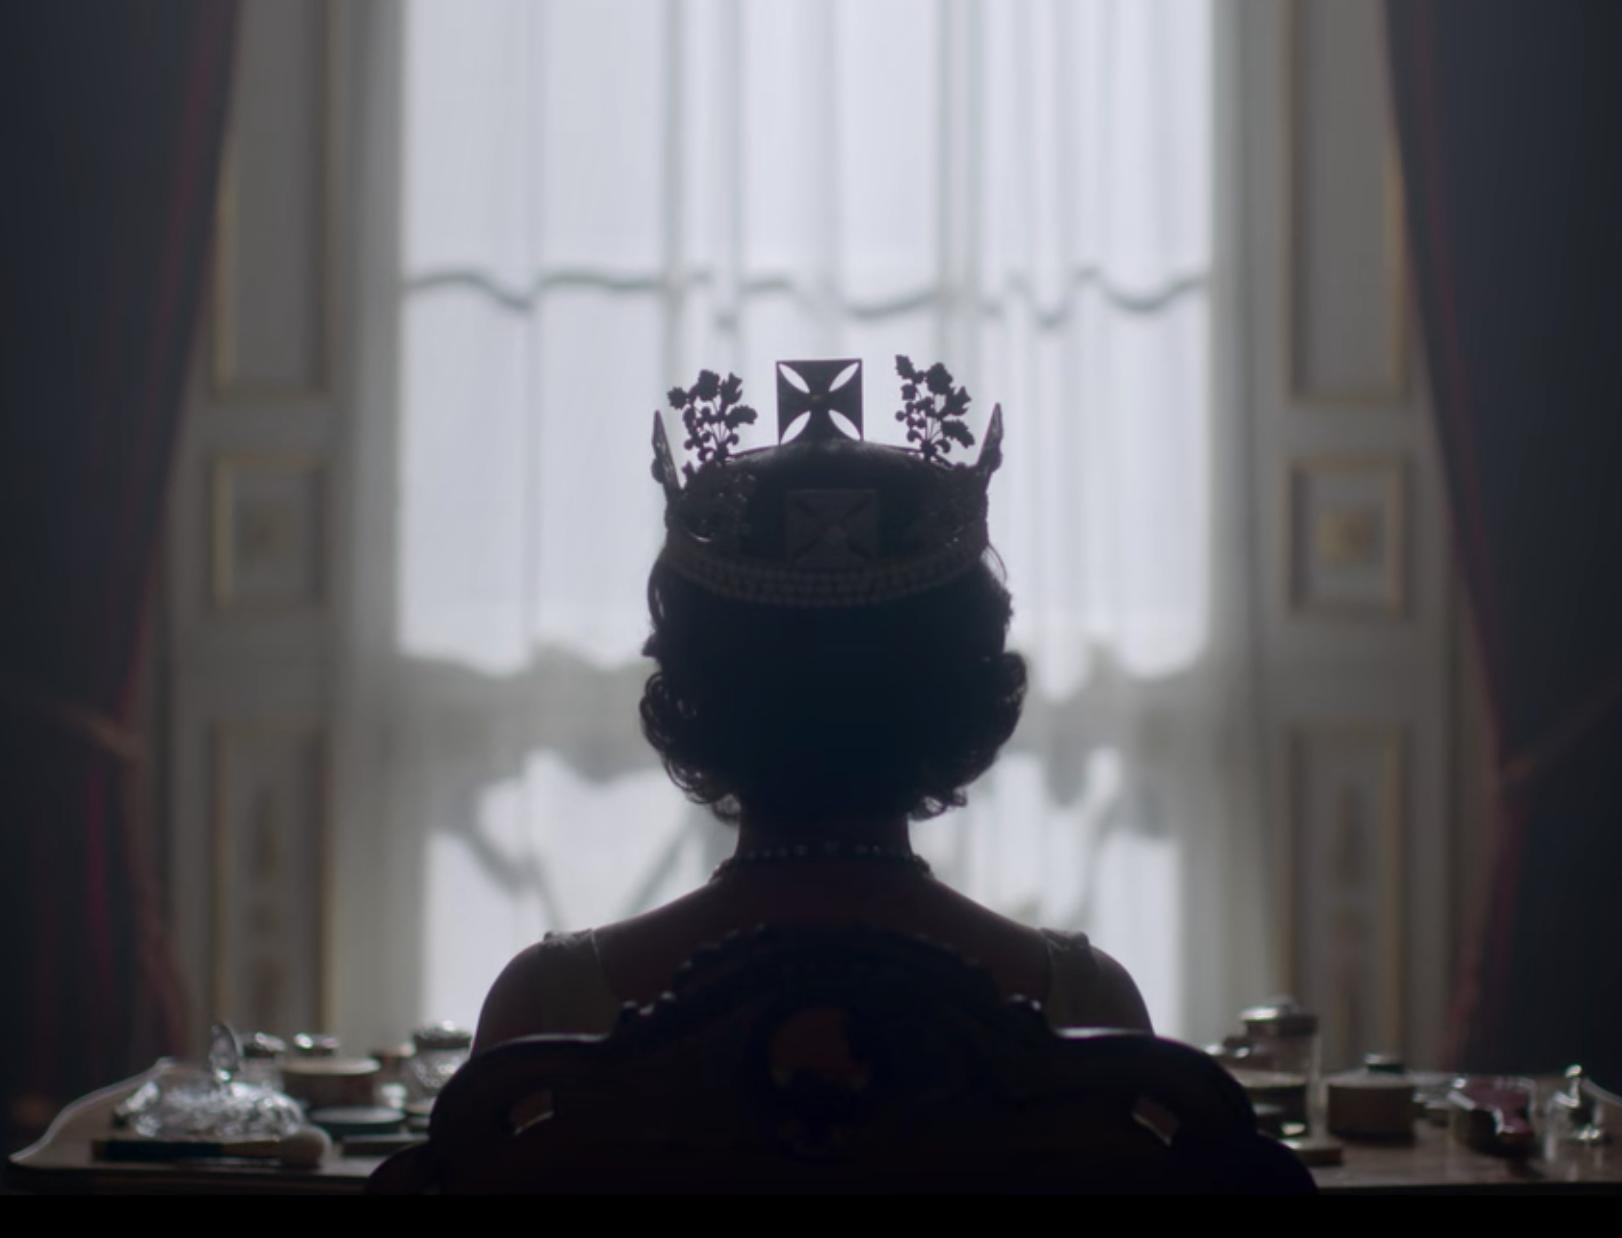 The Crown, 3ª temporada. Se queres olhar em frente, vê nas tuas costas